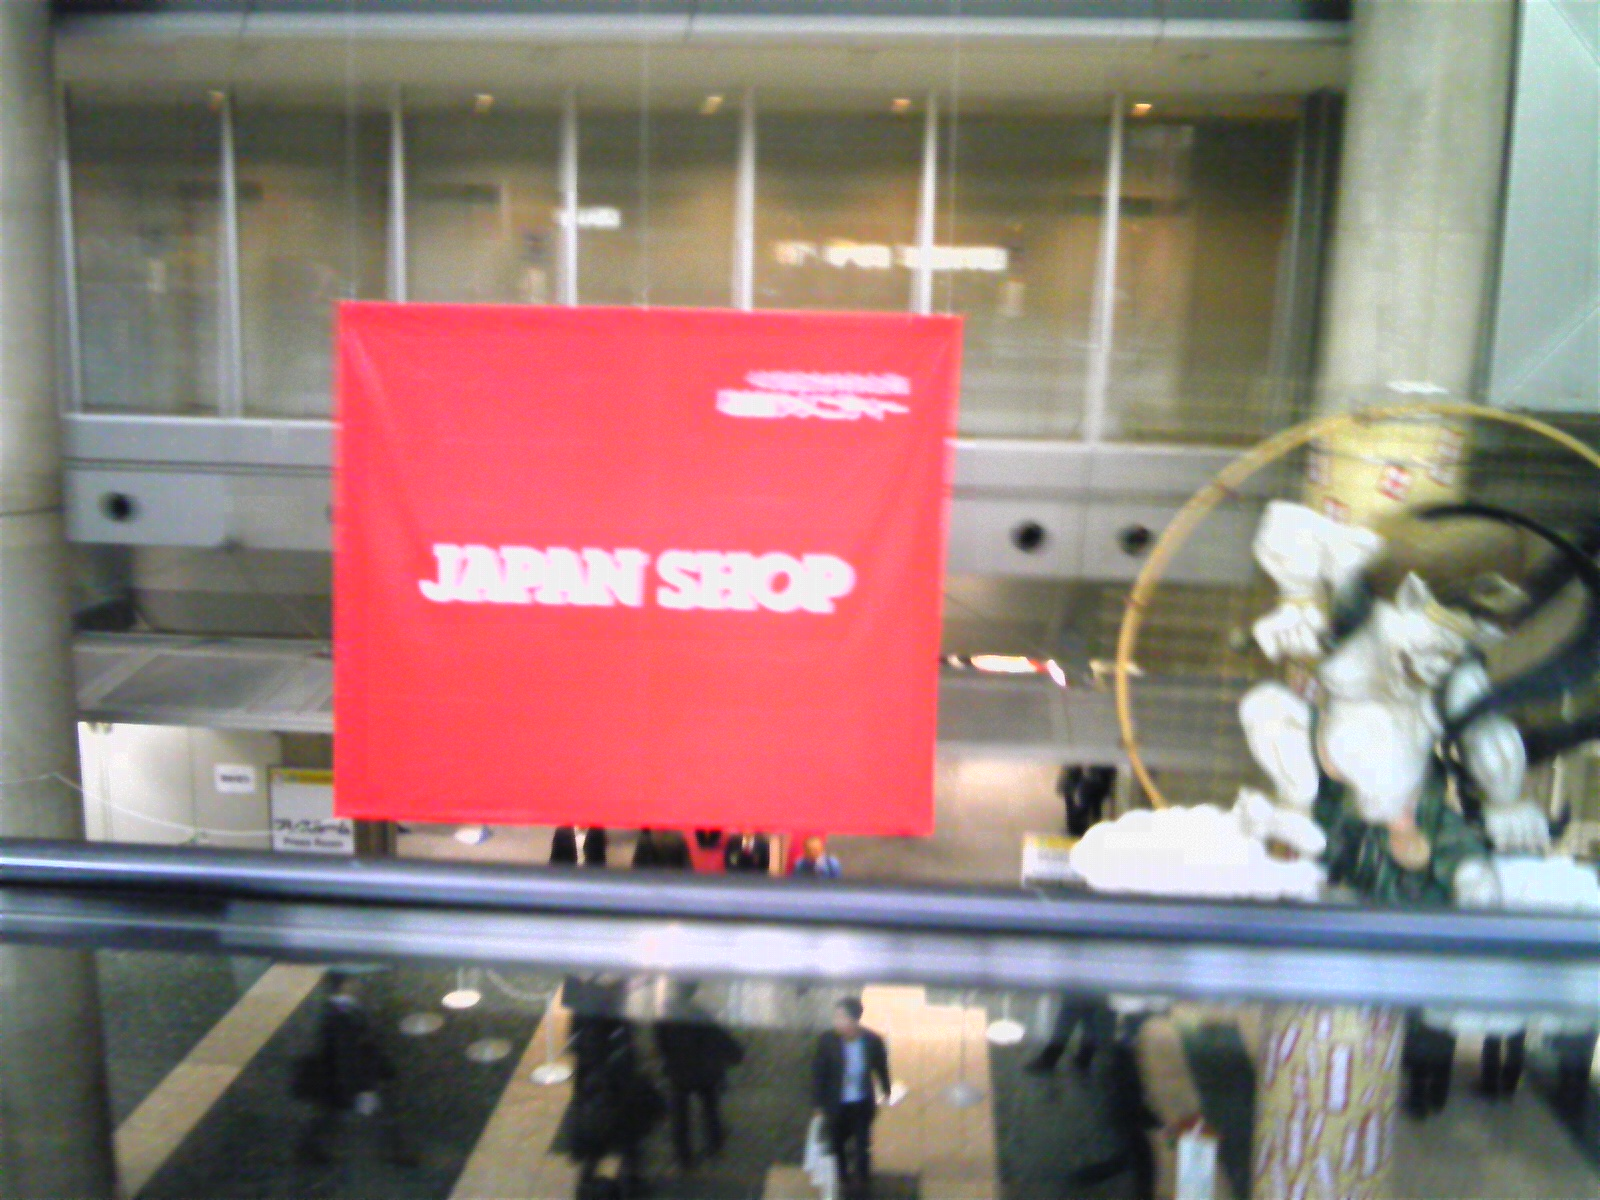 Japan_shop